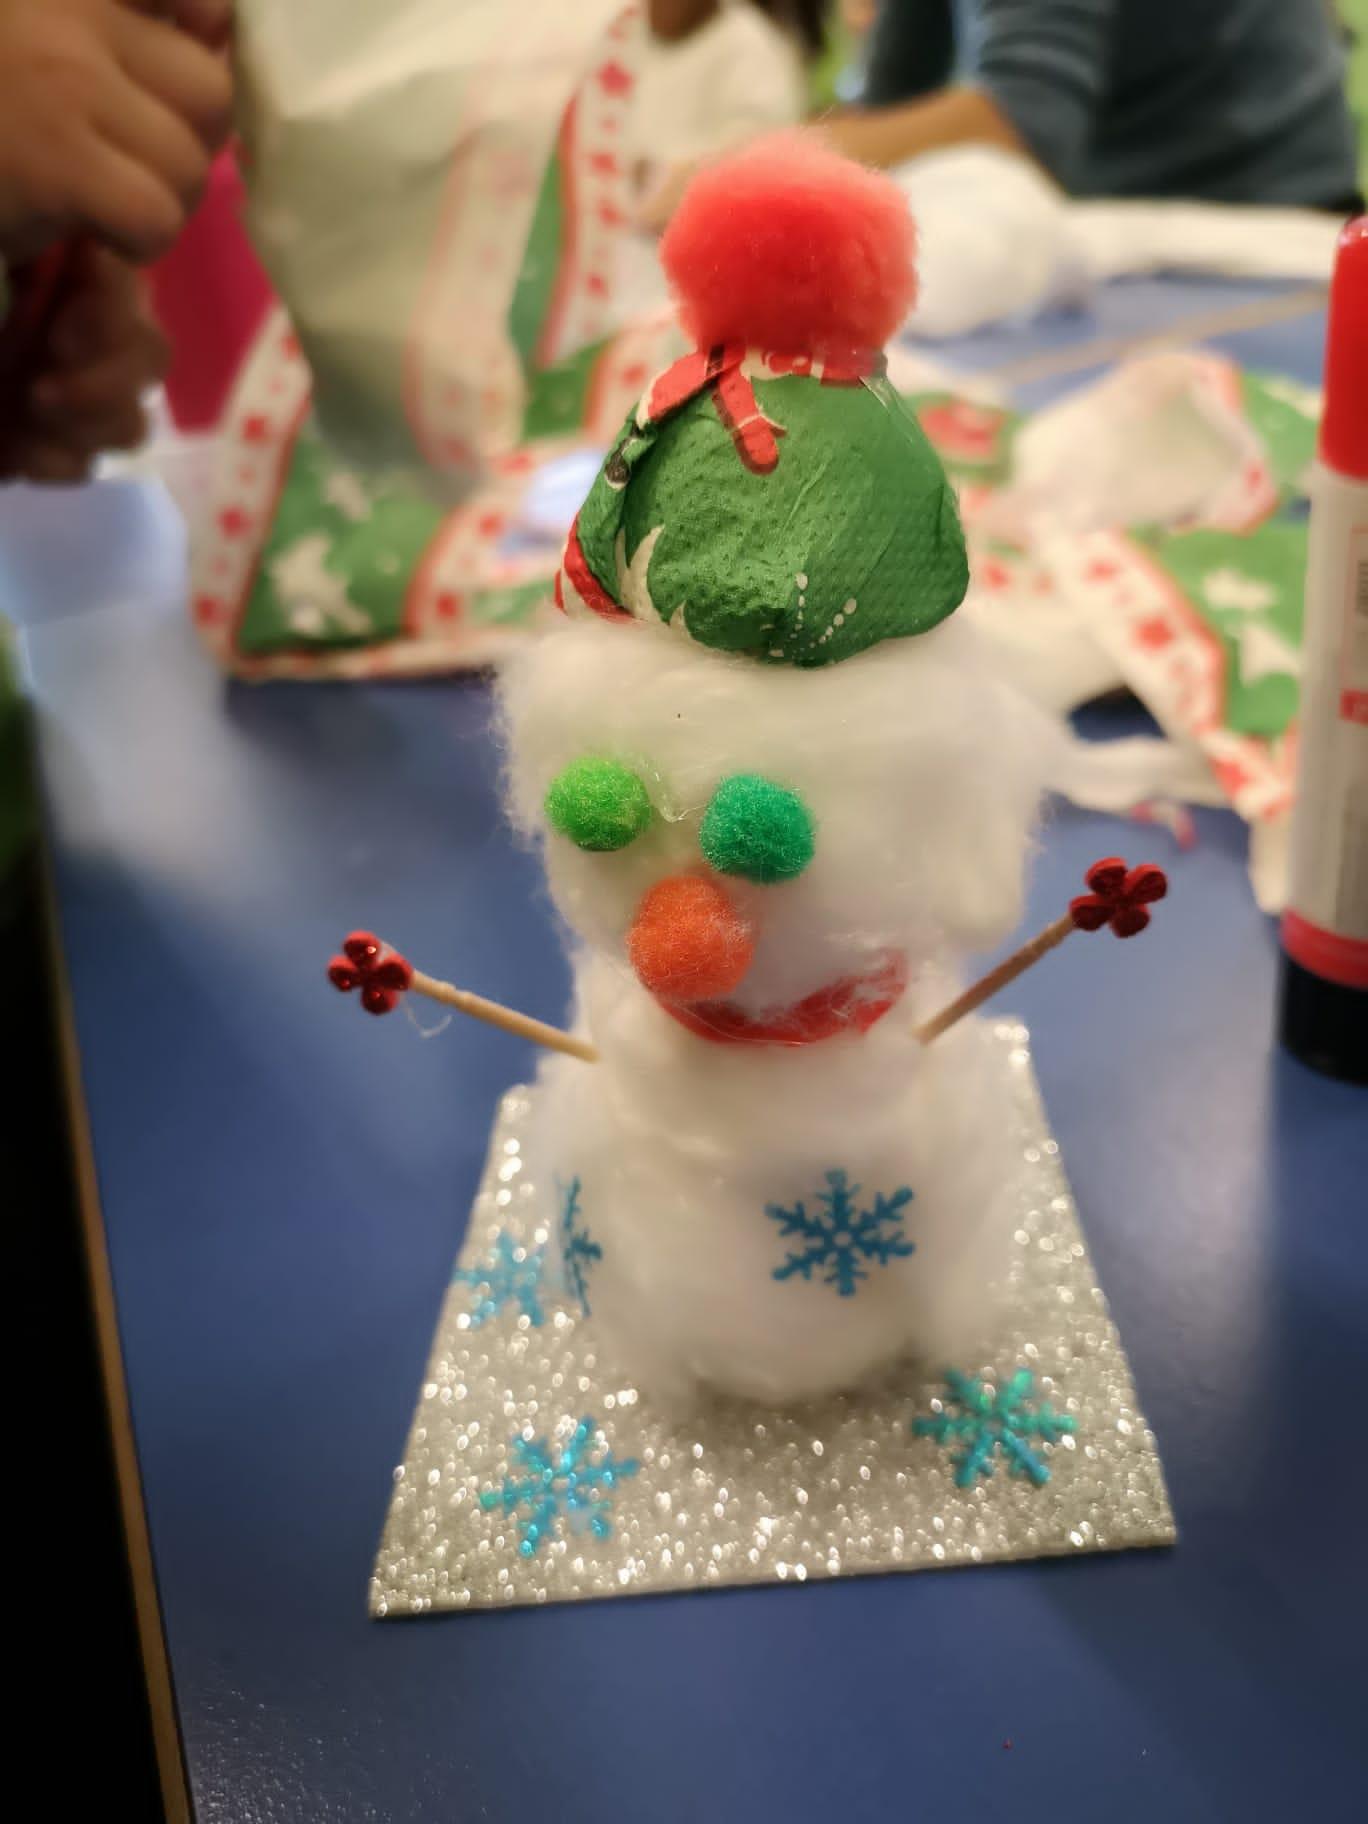 Adorno con forma de muñeco de nieve